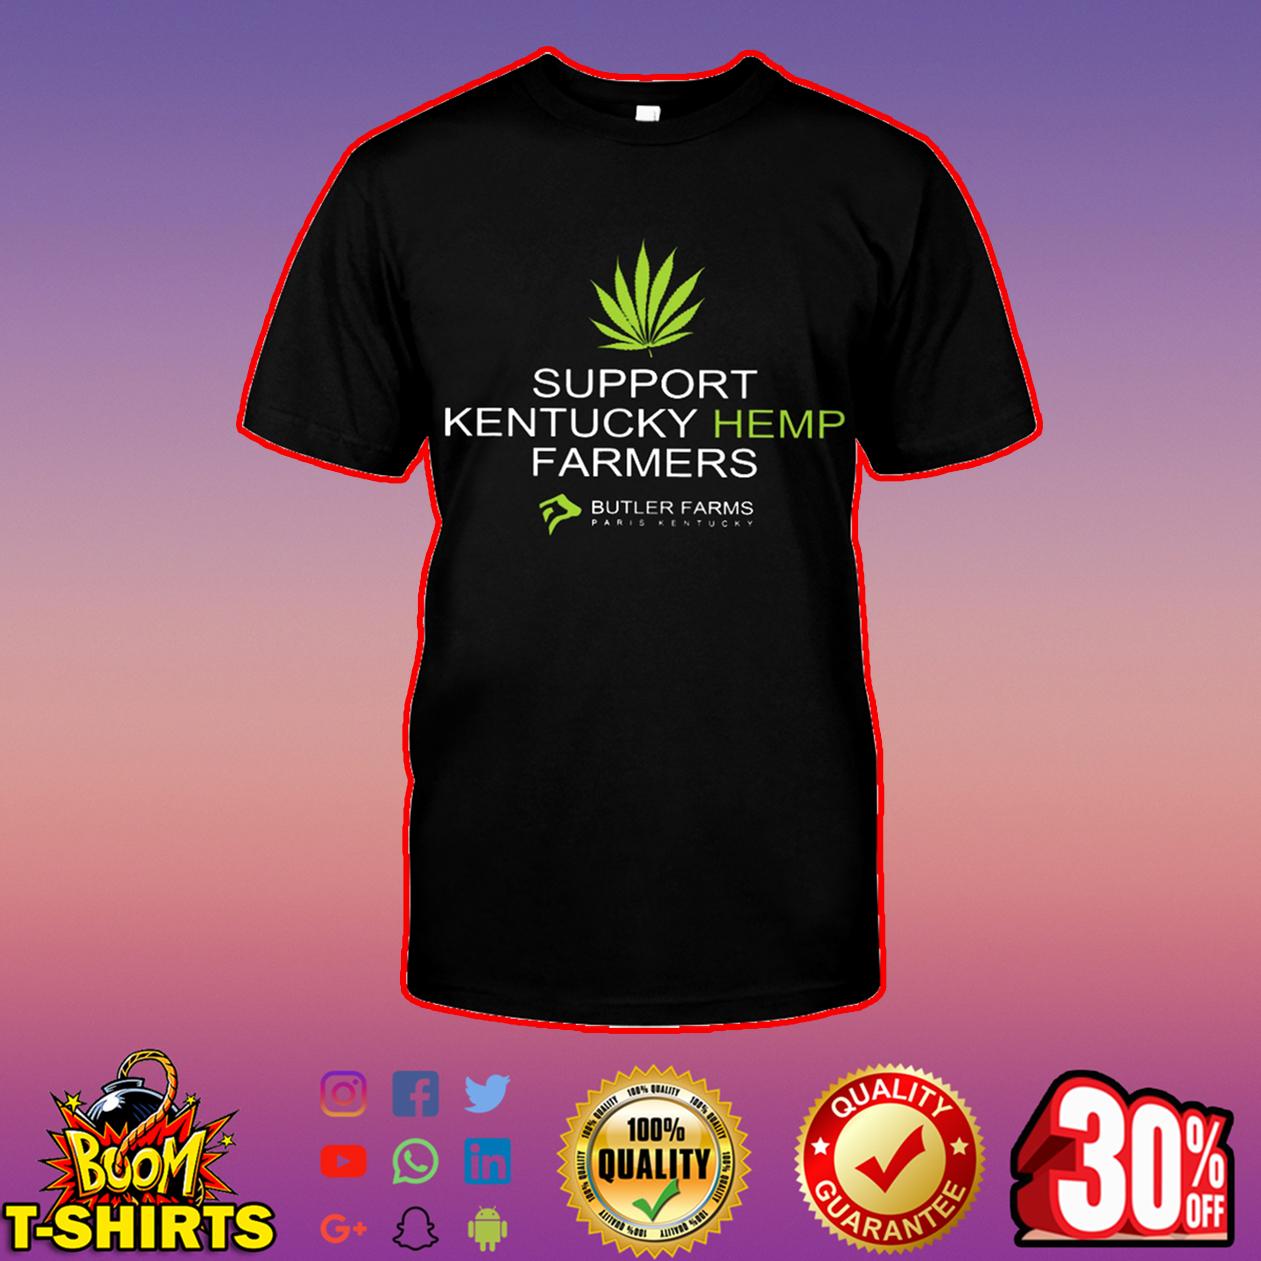 Support Kentucky Hemp Farmers shirt